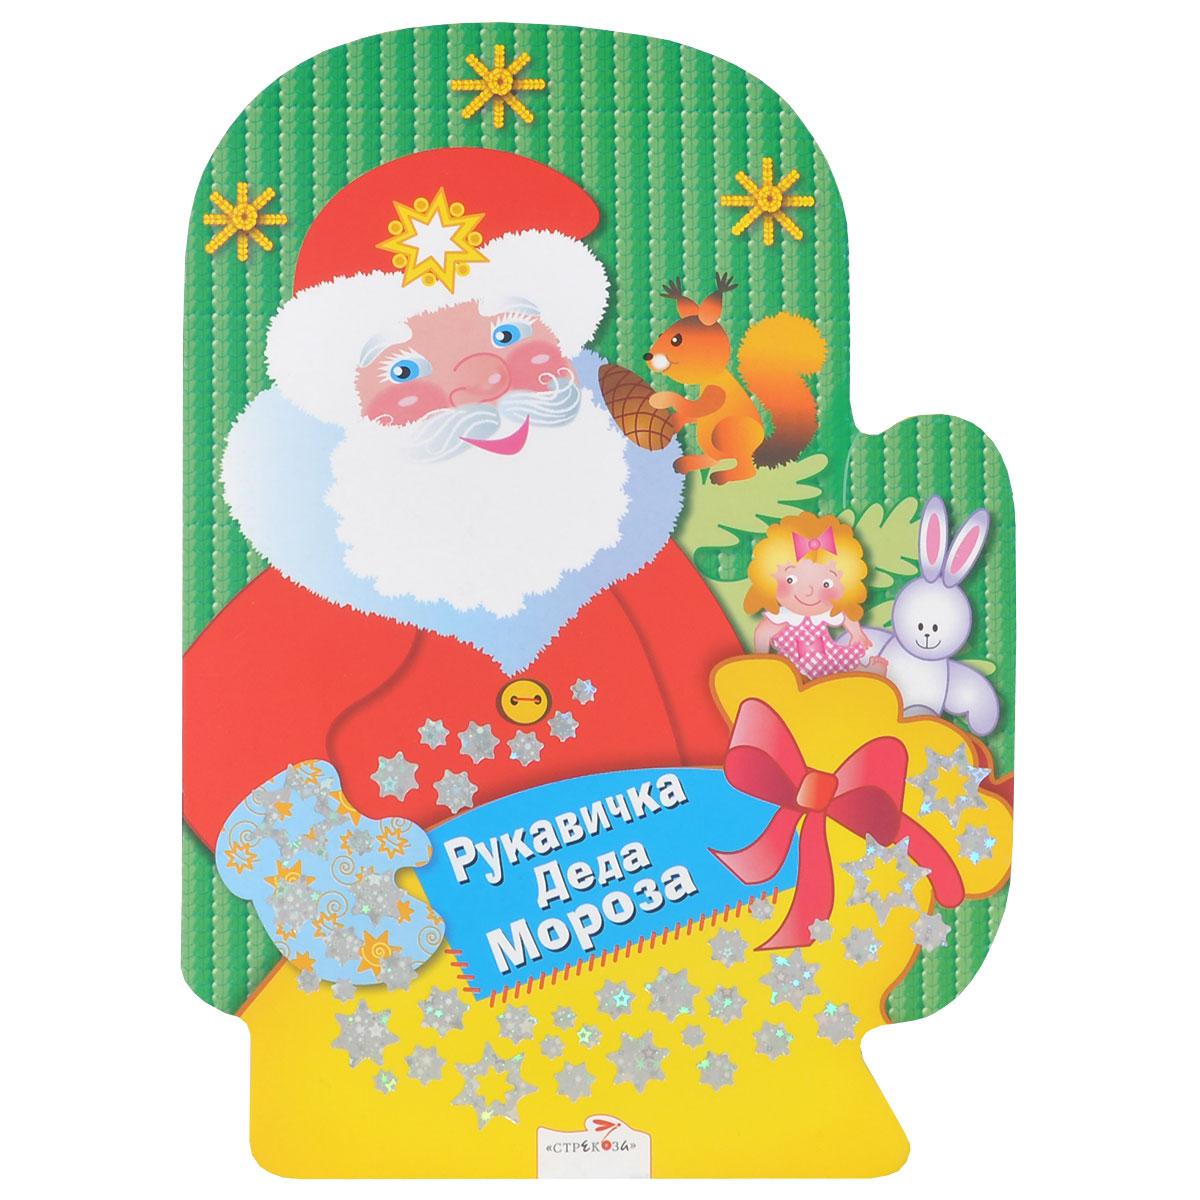 Рукавичка Деда Мороза. Раскраски, игры, задания